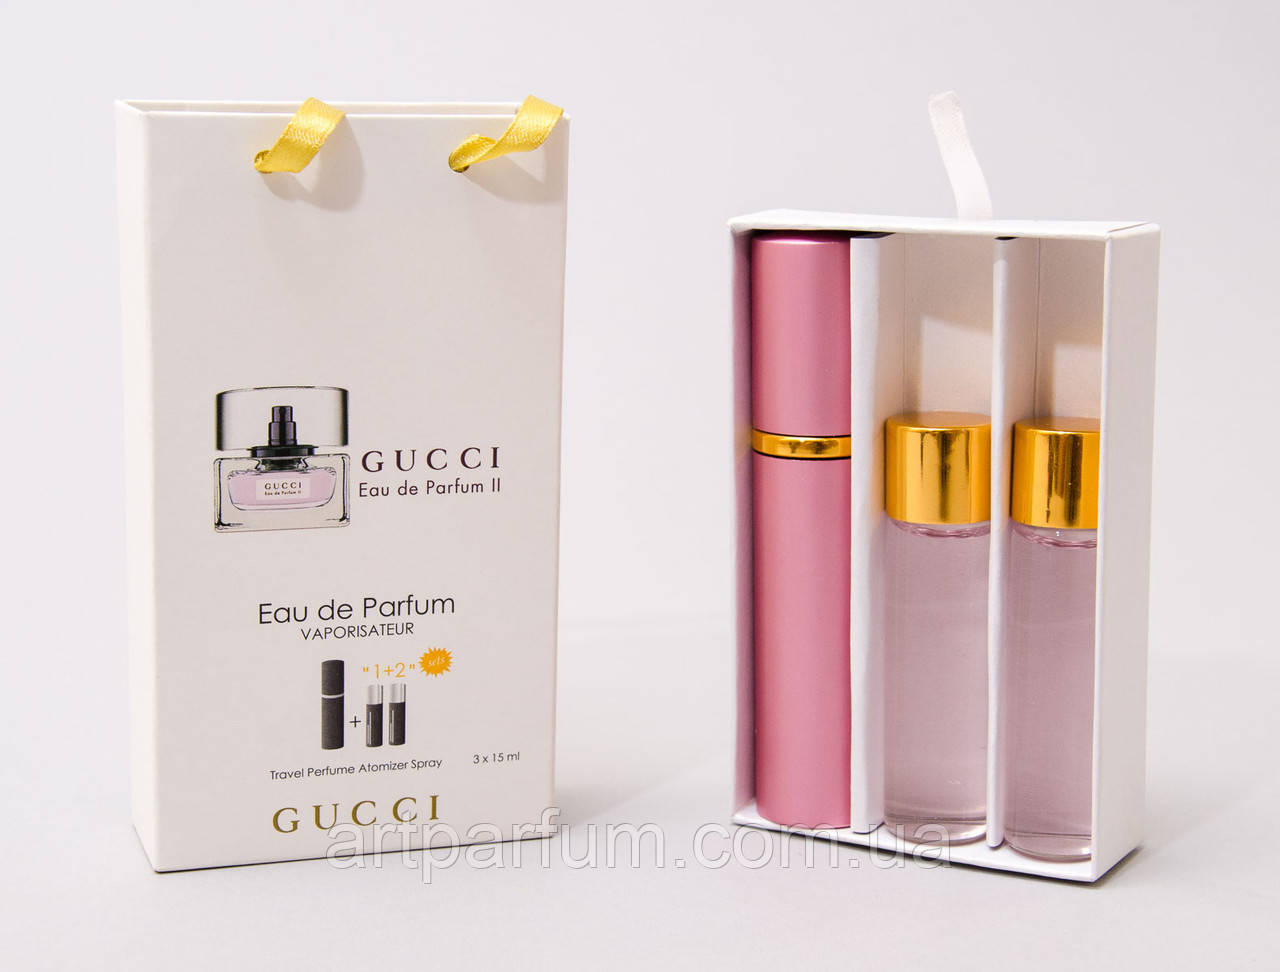 Парфюмированный мини набор для женщин Gucci Eau De Parfum II 3*15 ml